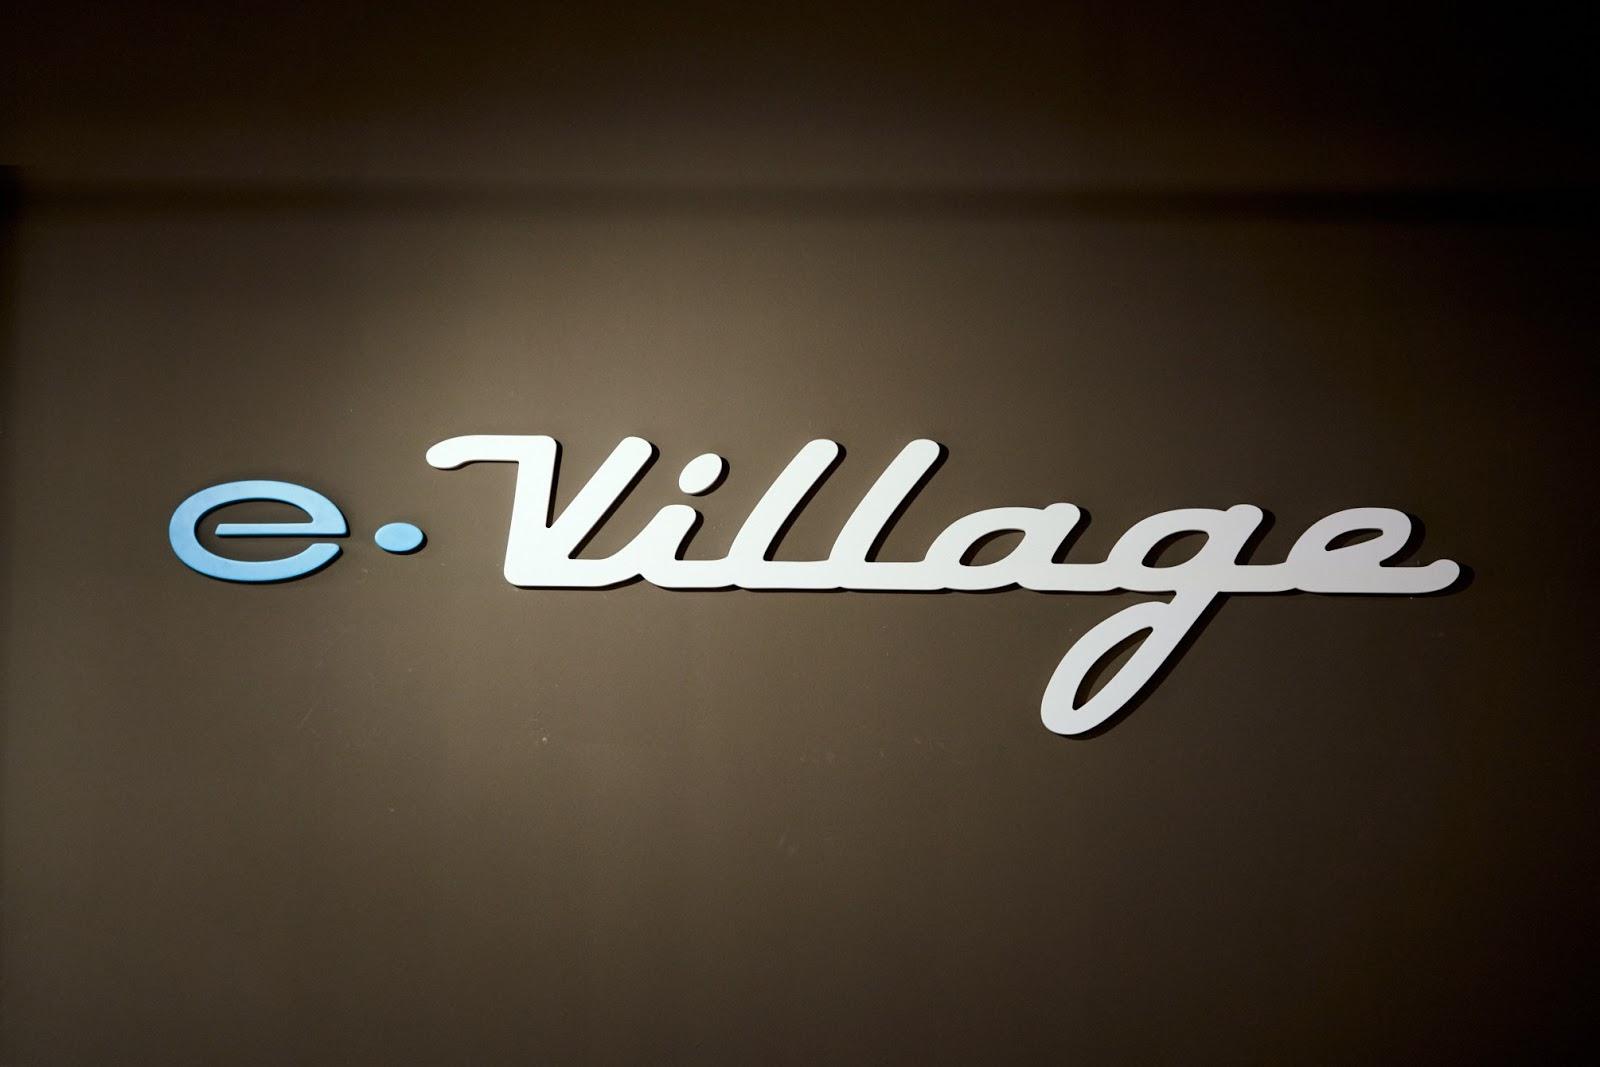 HP ALT9464 e-Village: Η Fiat Chrysler Automobiles εγκαινιάζει το πρώτο «πράσινο χωριό» της αυτοκίνησης